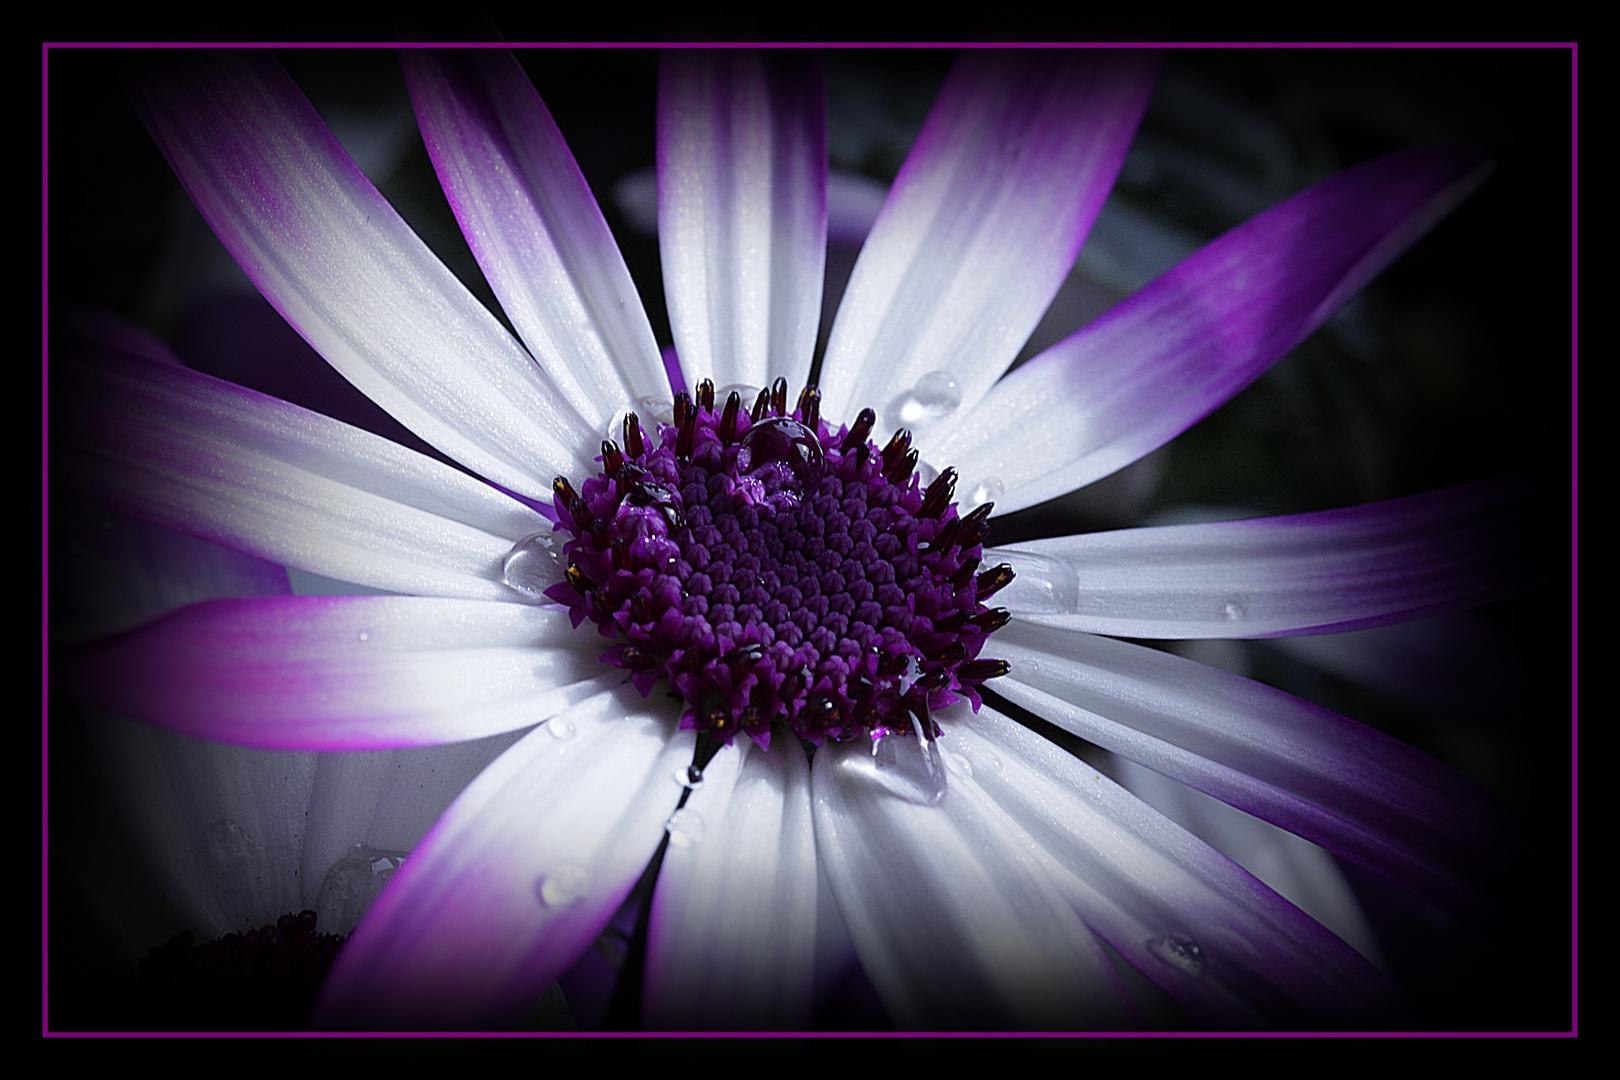 °Tröpfchen auf dem Blütenköpfchen°